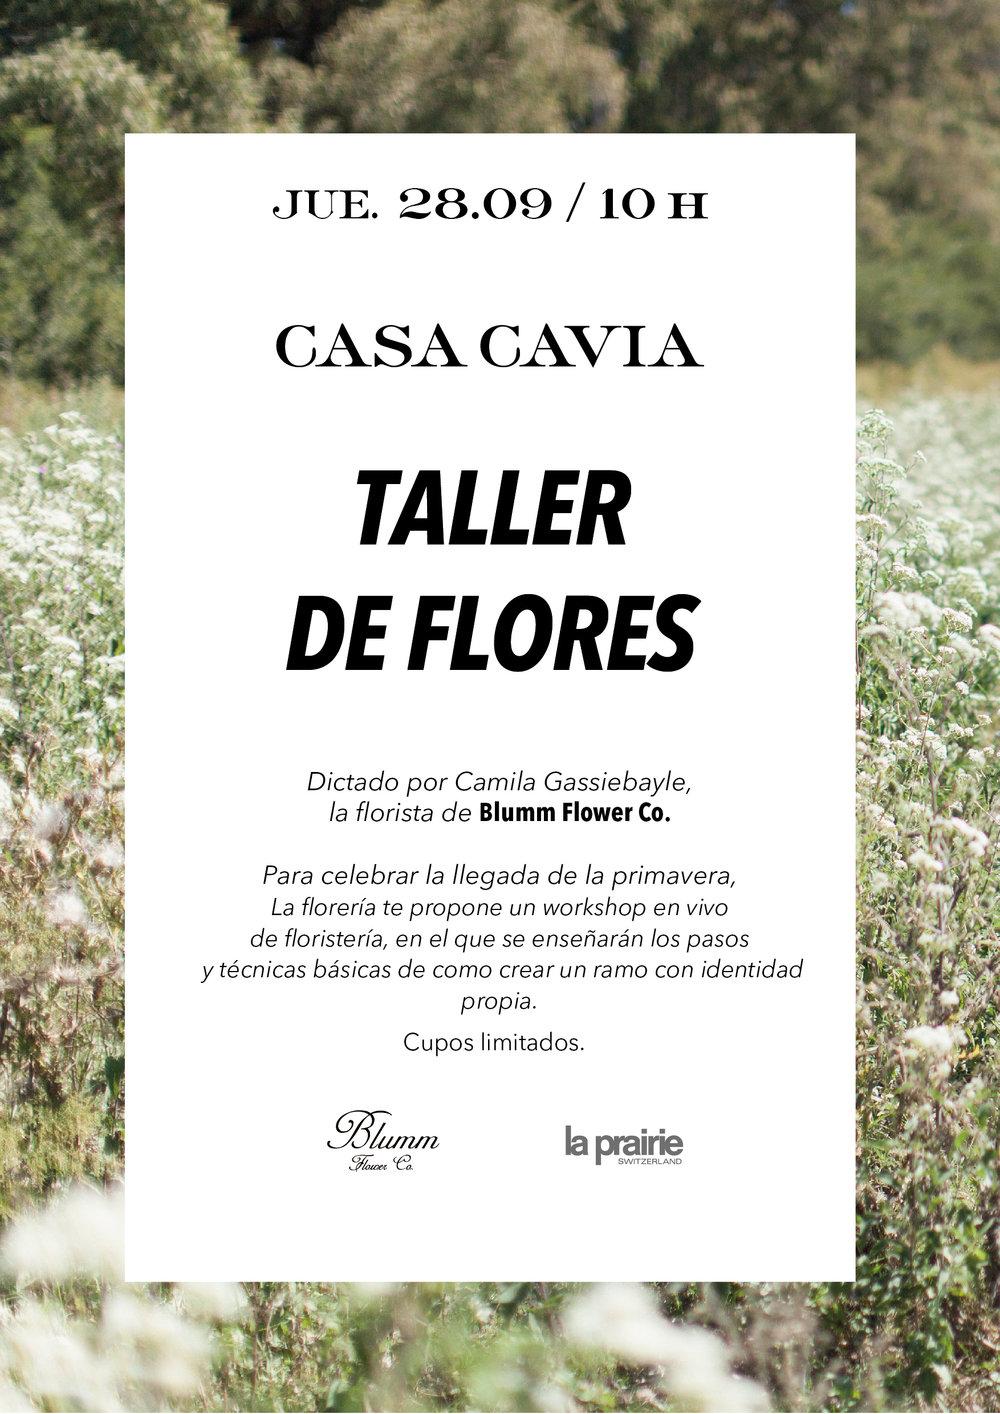 taller-flores-JUE28_S-DIR-02 (1).jpg